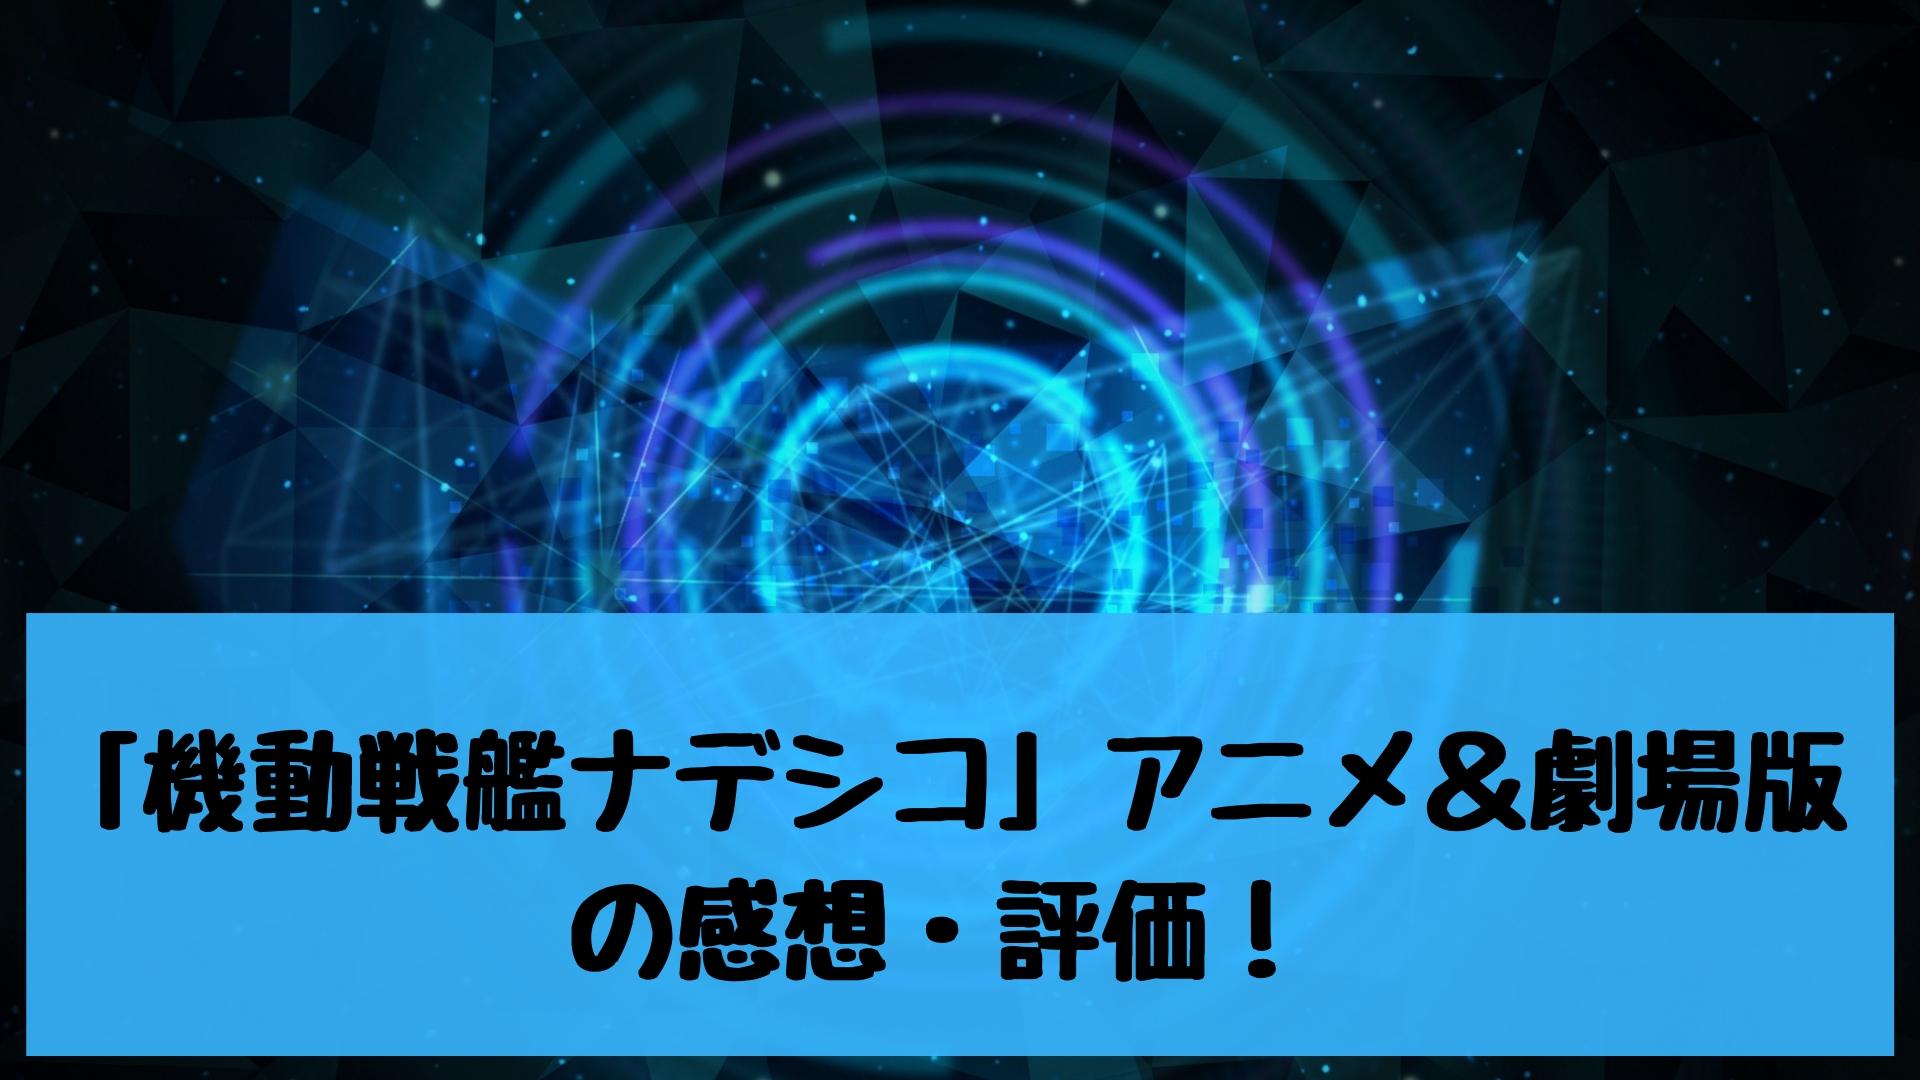 「機動戦艦ナデシコ」アニメ&劇場版の感想・評価!想像を裏切るSFアニメの傑作だったって話